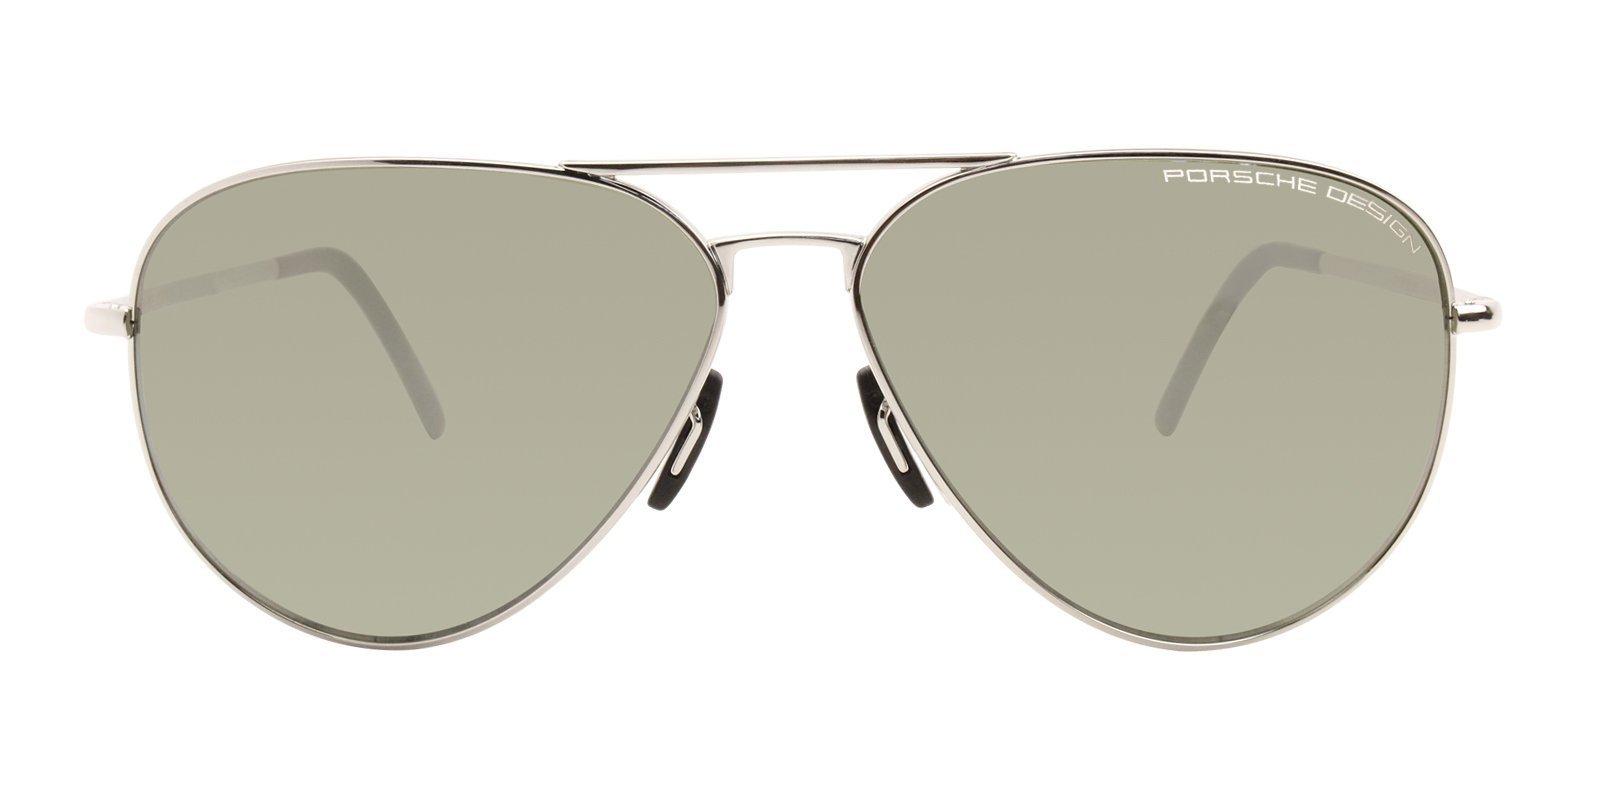 40196b2d10 Porsche Design - P8507 Silver - Gray sunglasses in 2019